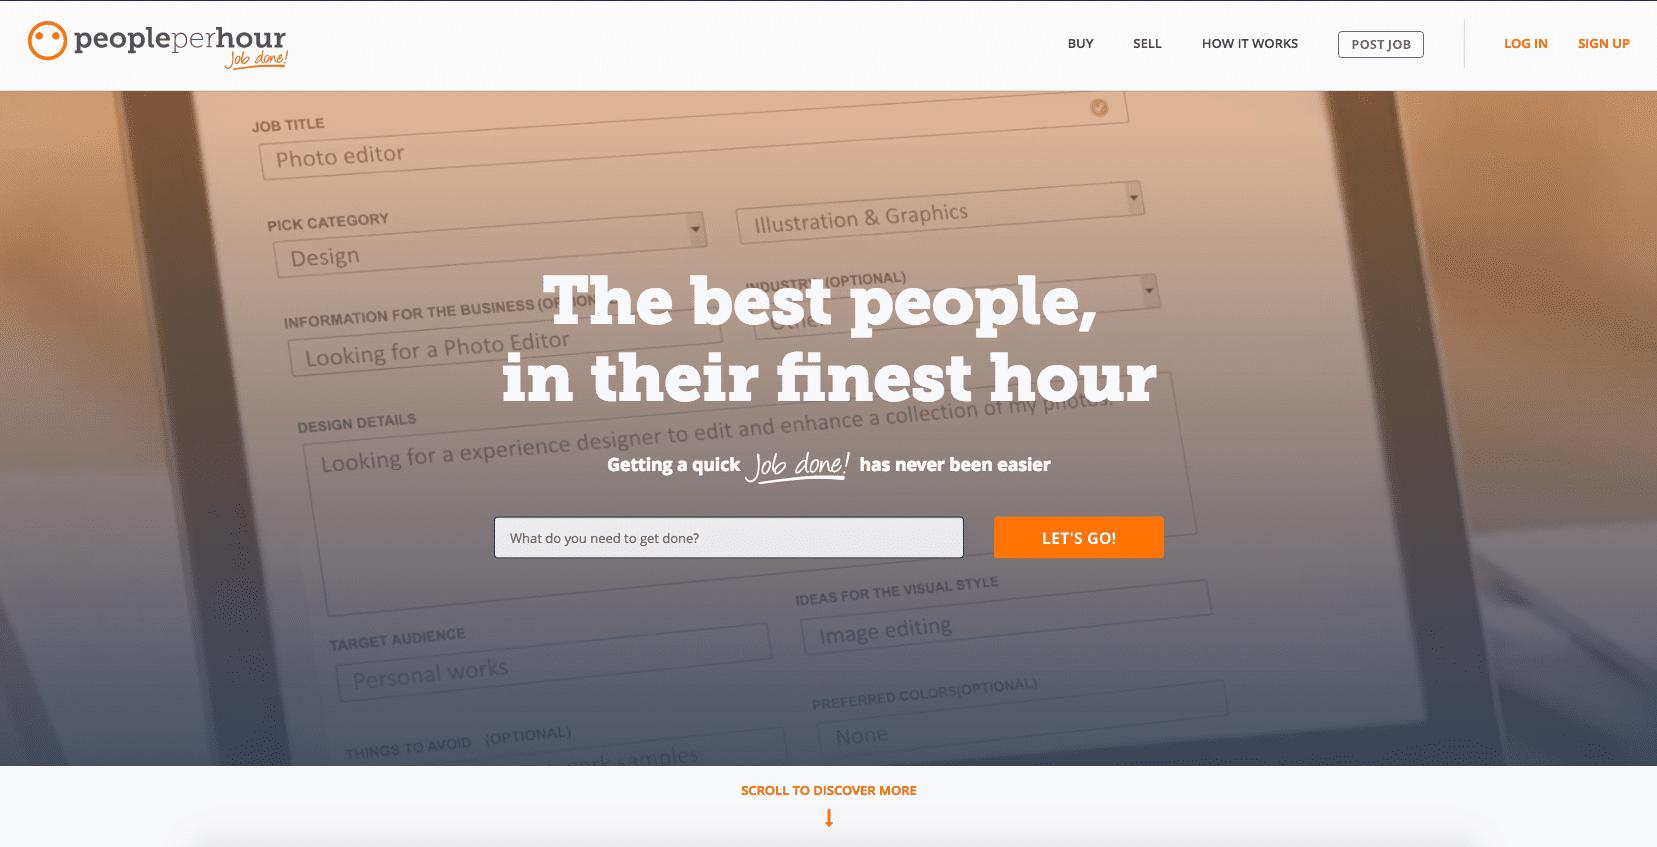 Fiverr Alternatives: 9 Other Sites Like Fiverr